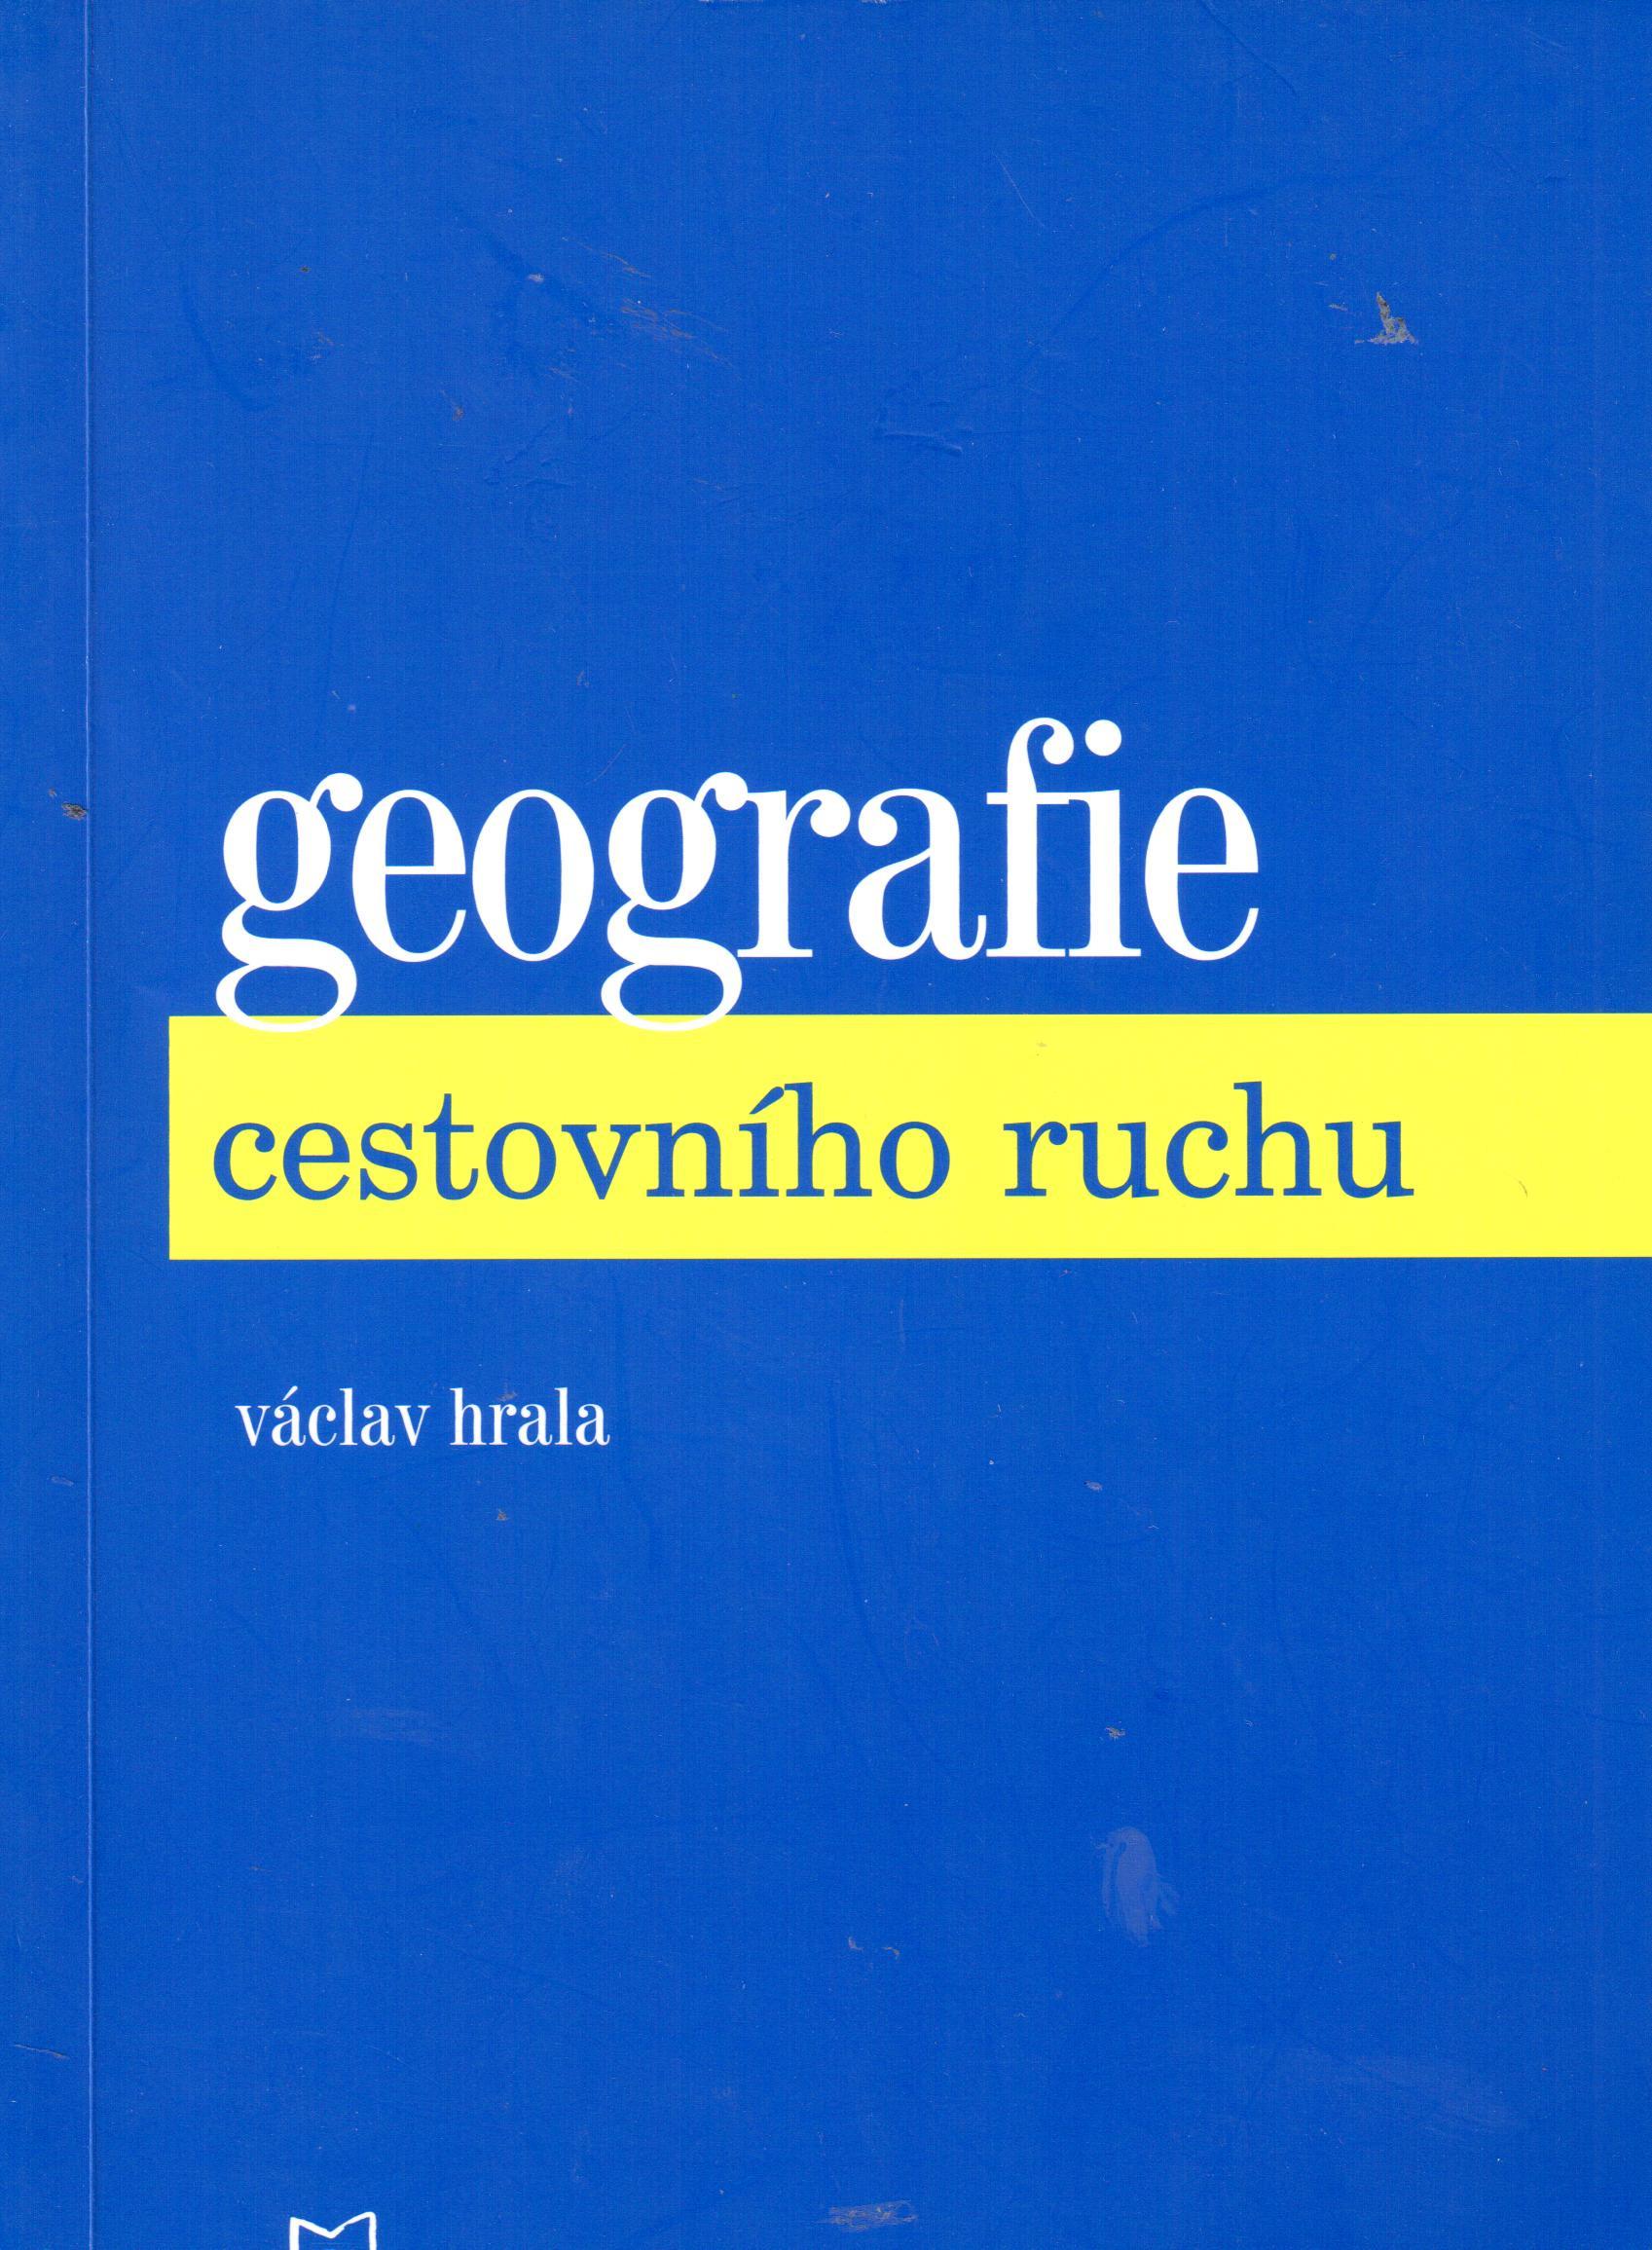 Geografie cestovního ruchu - Náhled učebnice